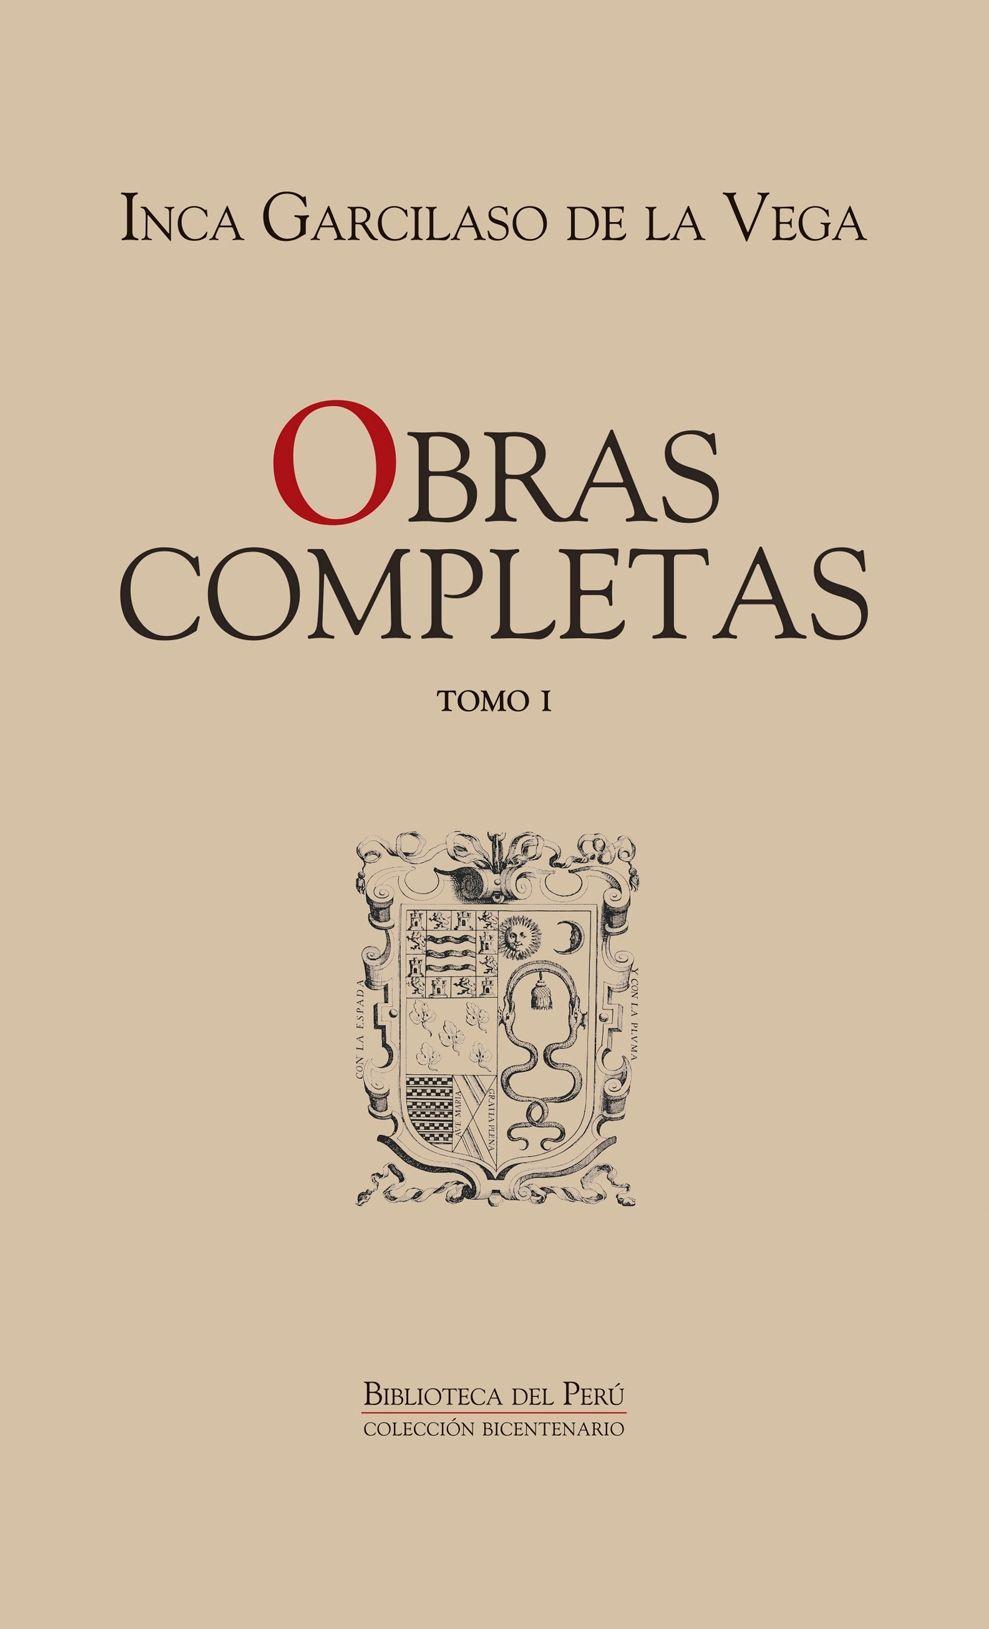 Obras completas / Inca Garcilaso de la Vega ; edición y notas de Carlos Araníbar